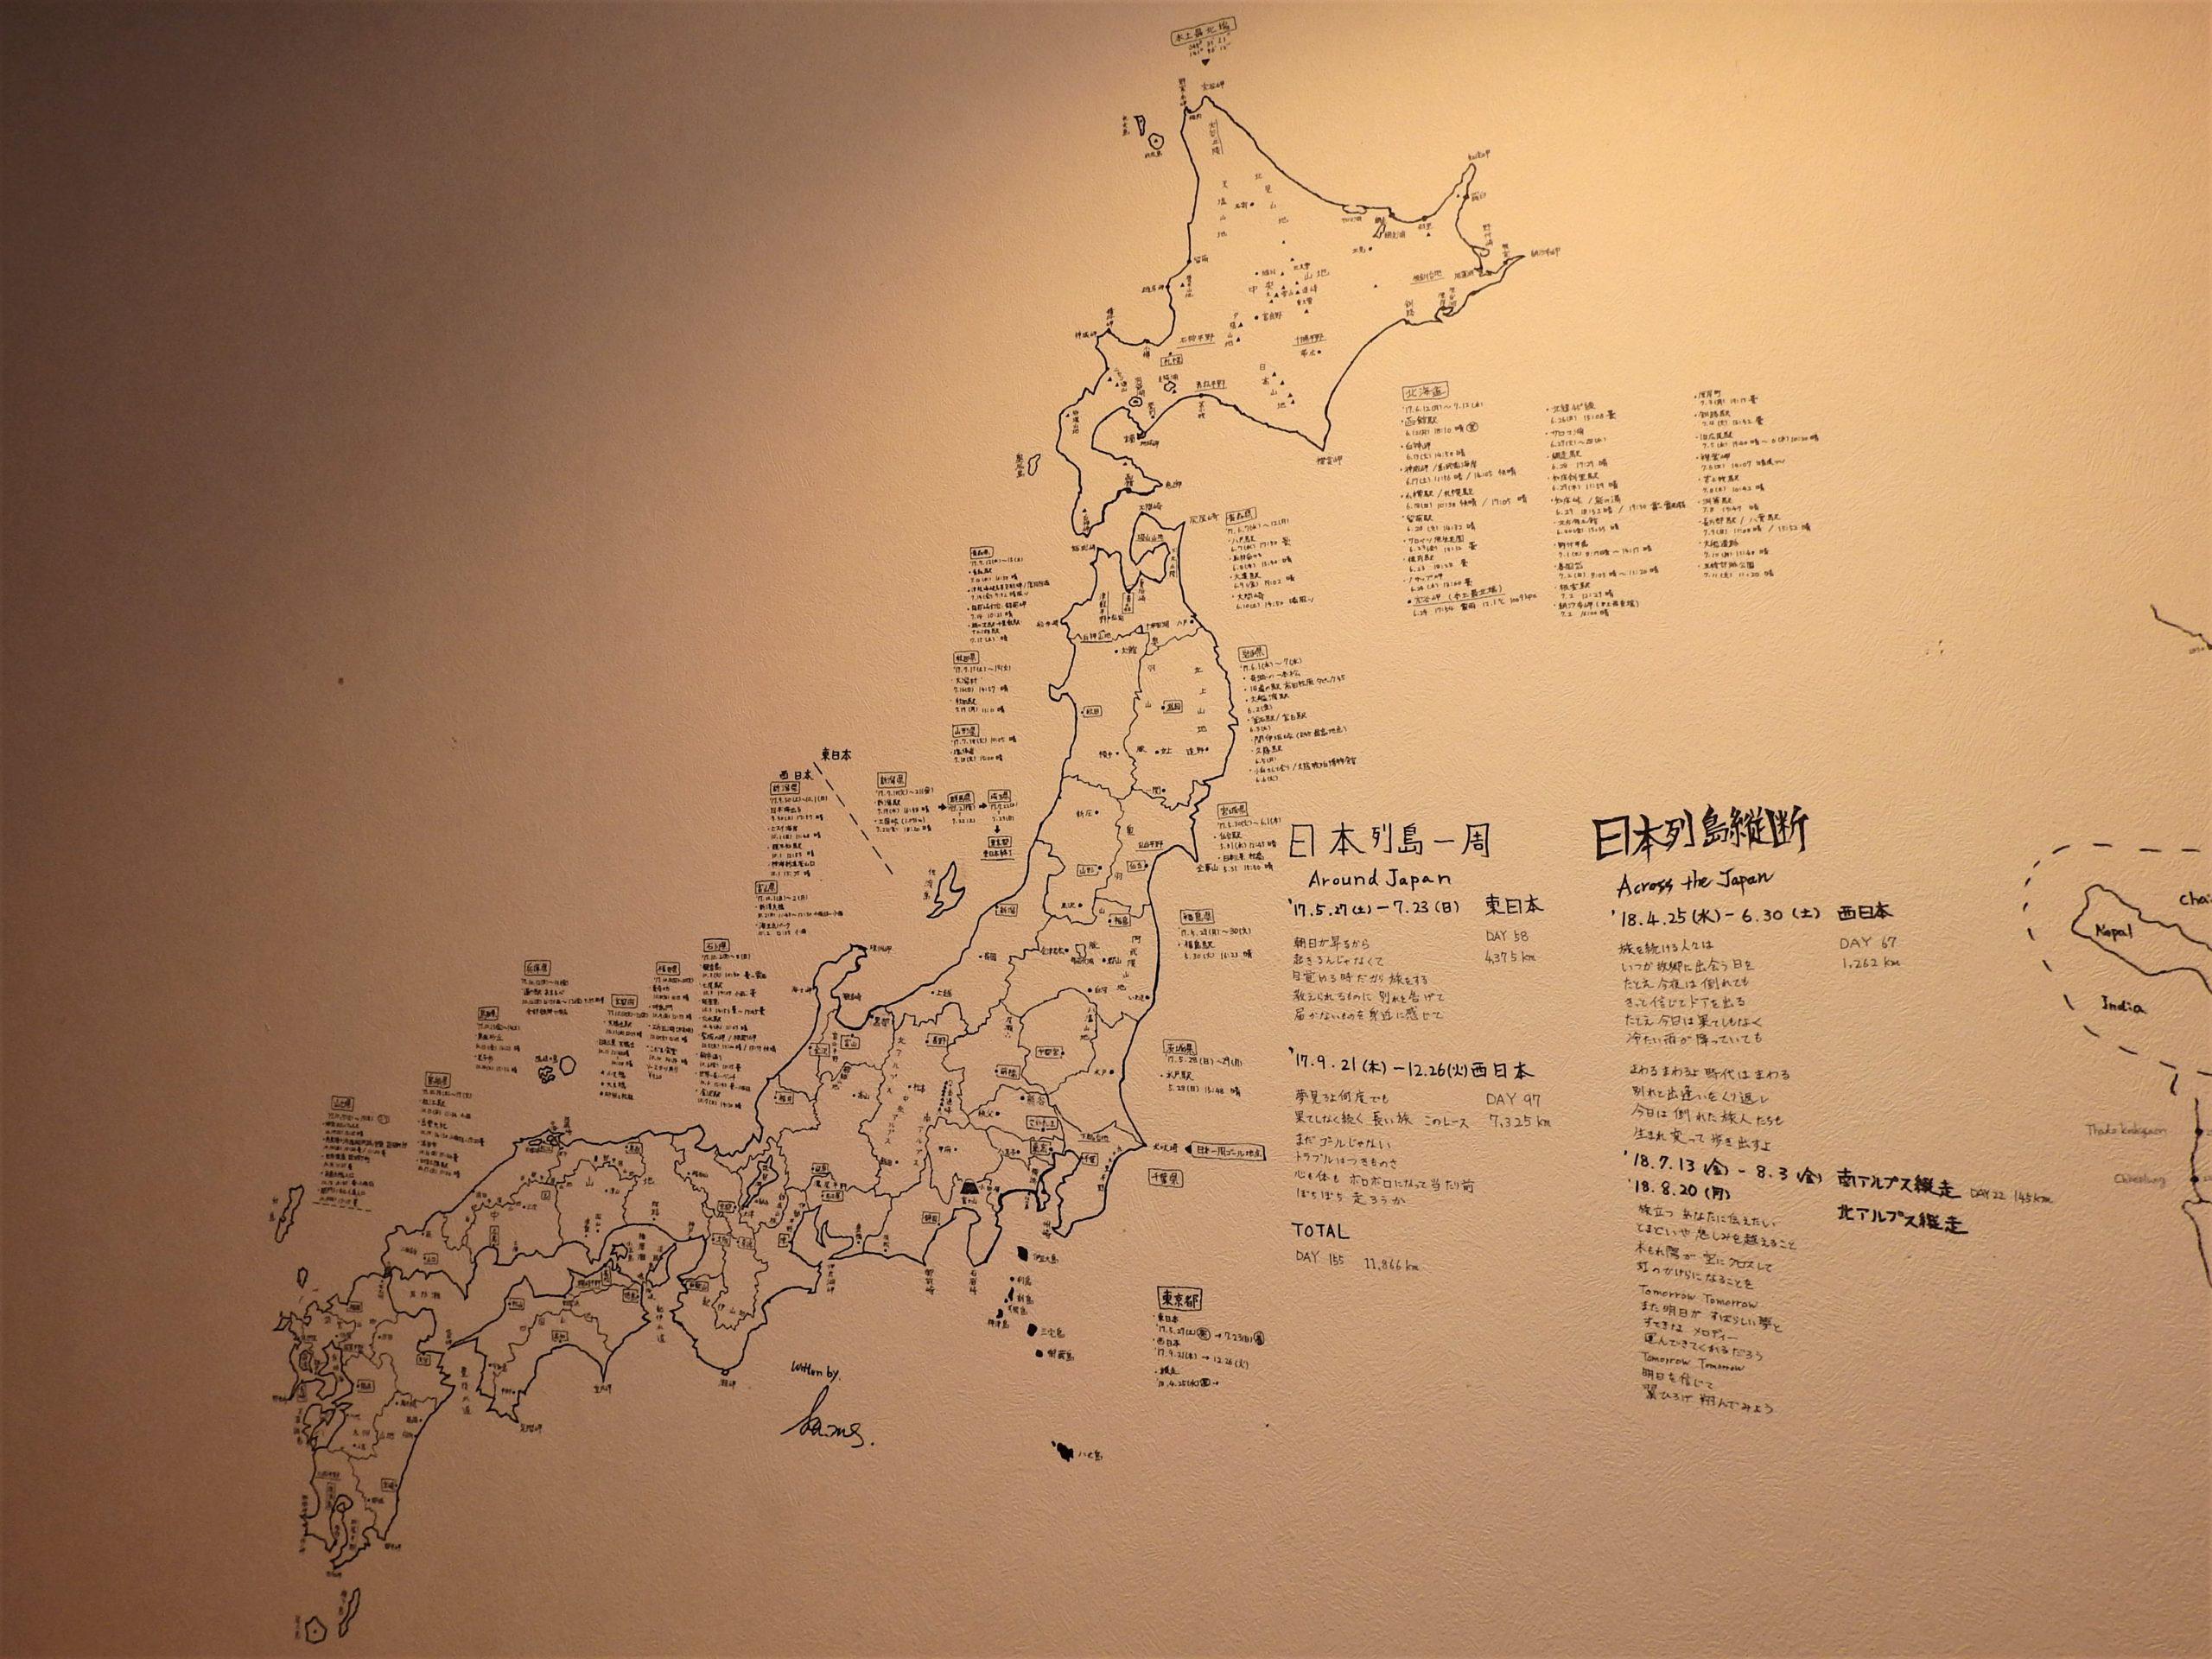 日本縦断 壁紙